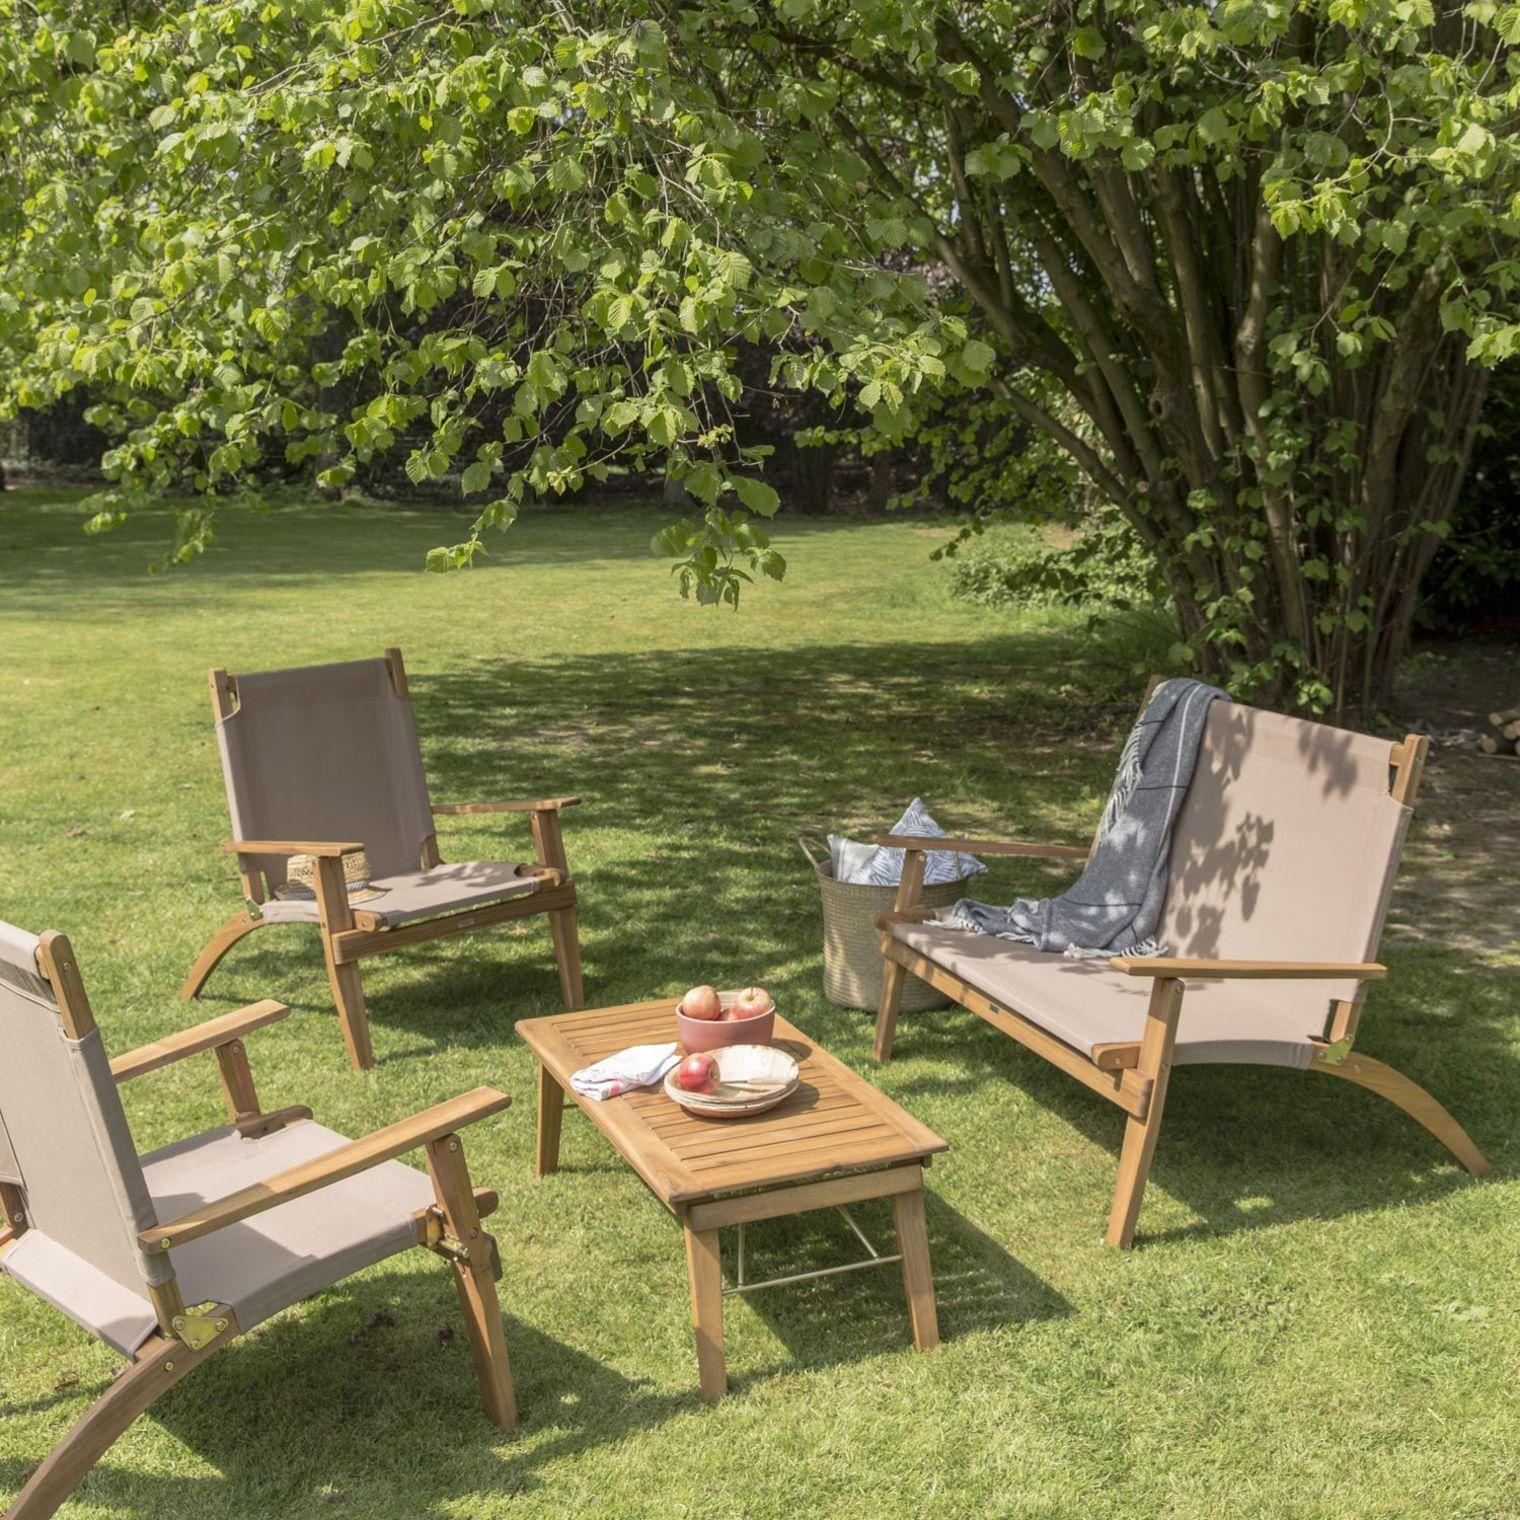 Salon De Jardin Pas Cher : Du Mobilier D'extérieur En Résine ... concernant Salon De Jardin En Bois Pas Cher